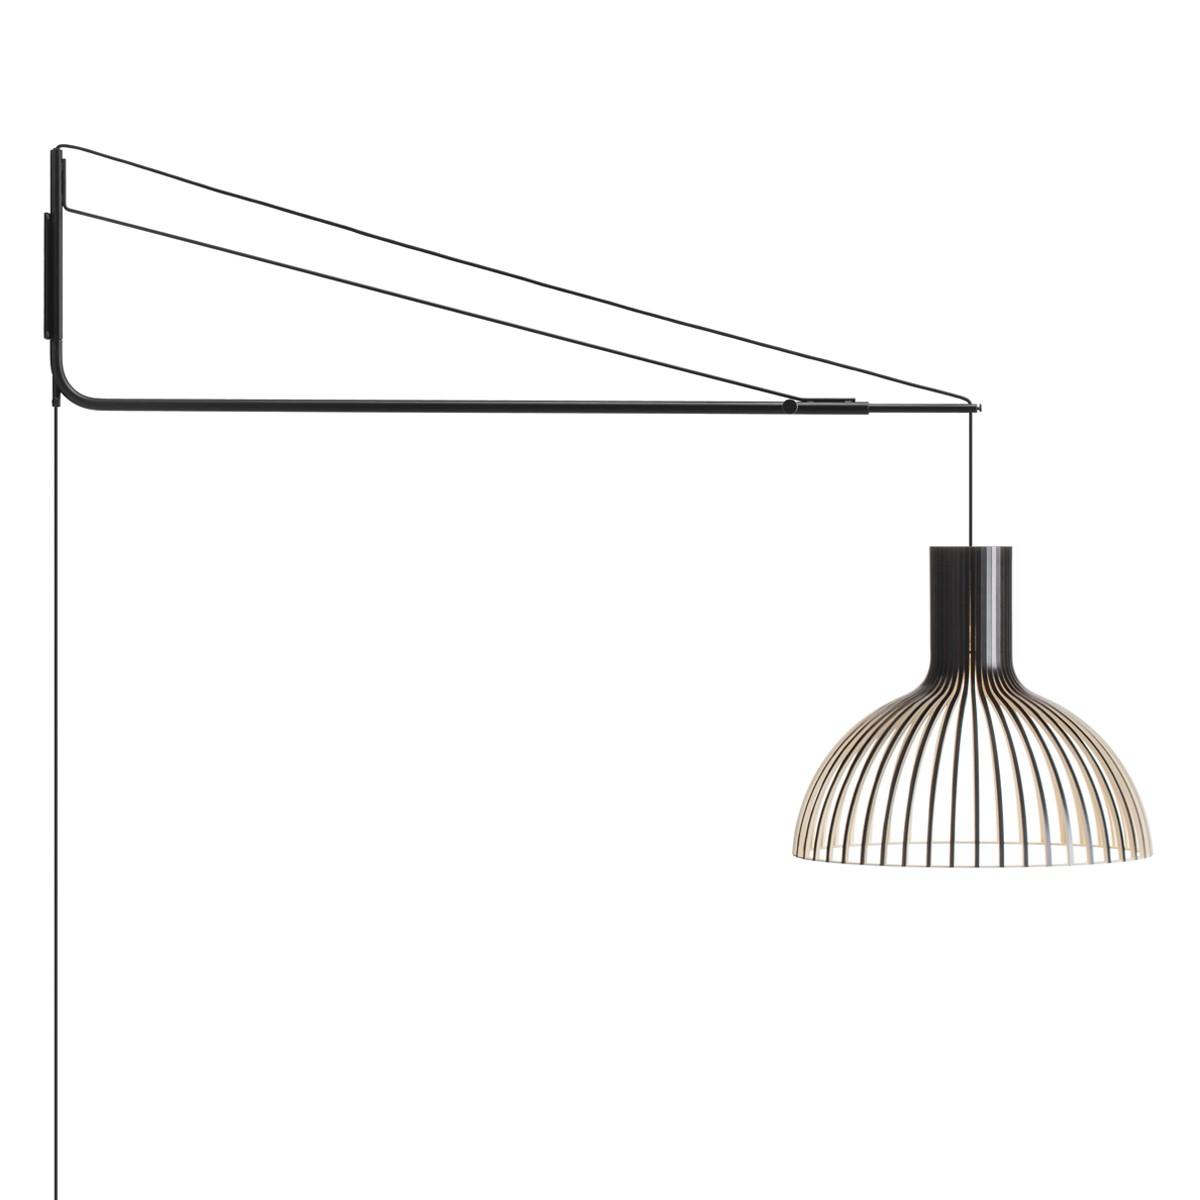 Secto Design Varsi 1000 Wandleuchte mit Victo 4250, schwarz, Schirm: schwarz laminiert